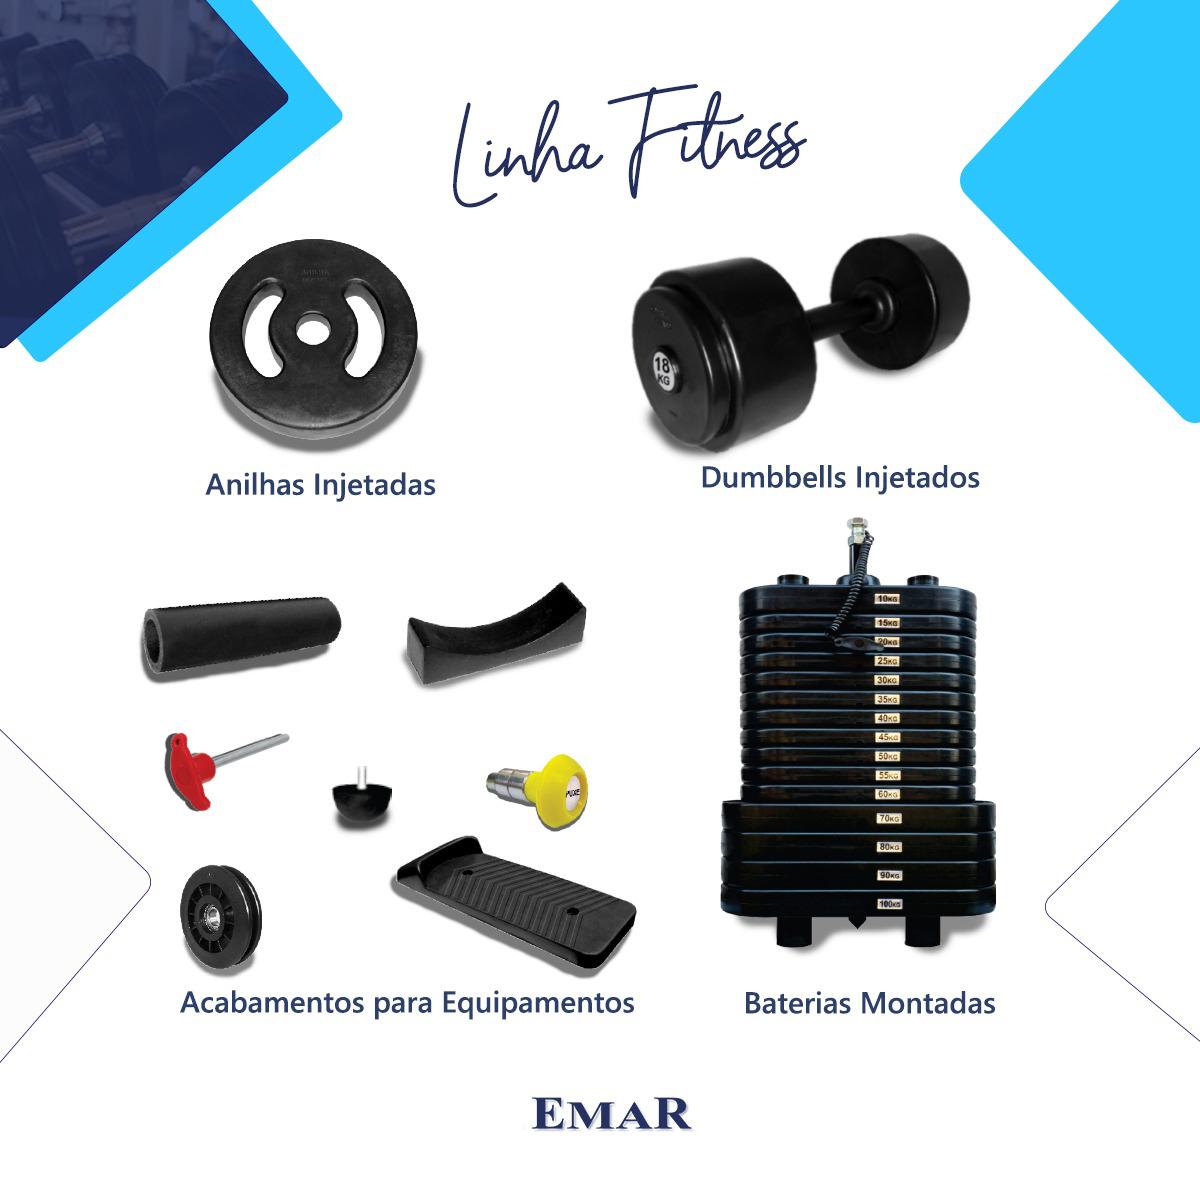 """Kit com 2 Anilhas Injetadas de 500g cada - Furo Standard 1.1/8"""" Revestidas com Grossa Camada de PVC"""